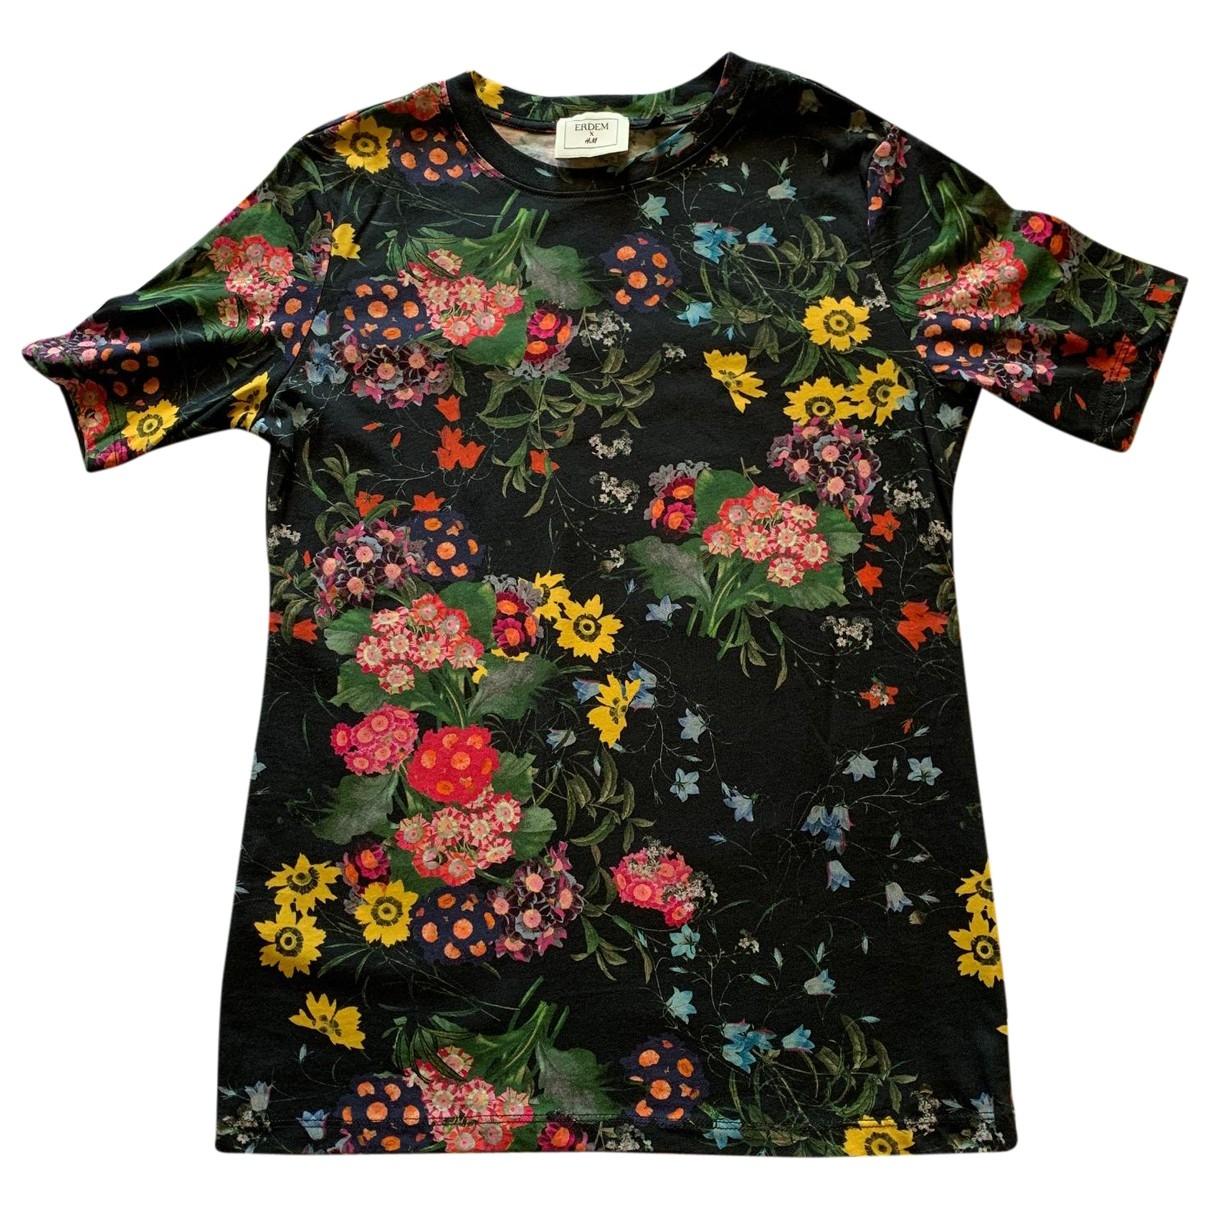 Camiseta Erdem X H&m